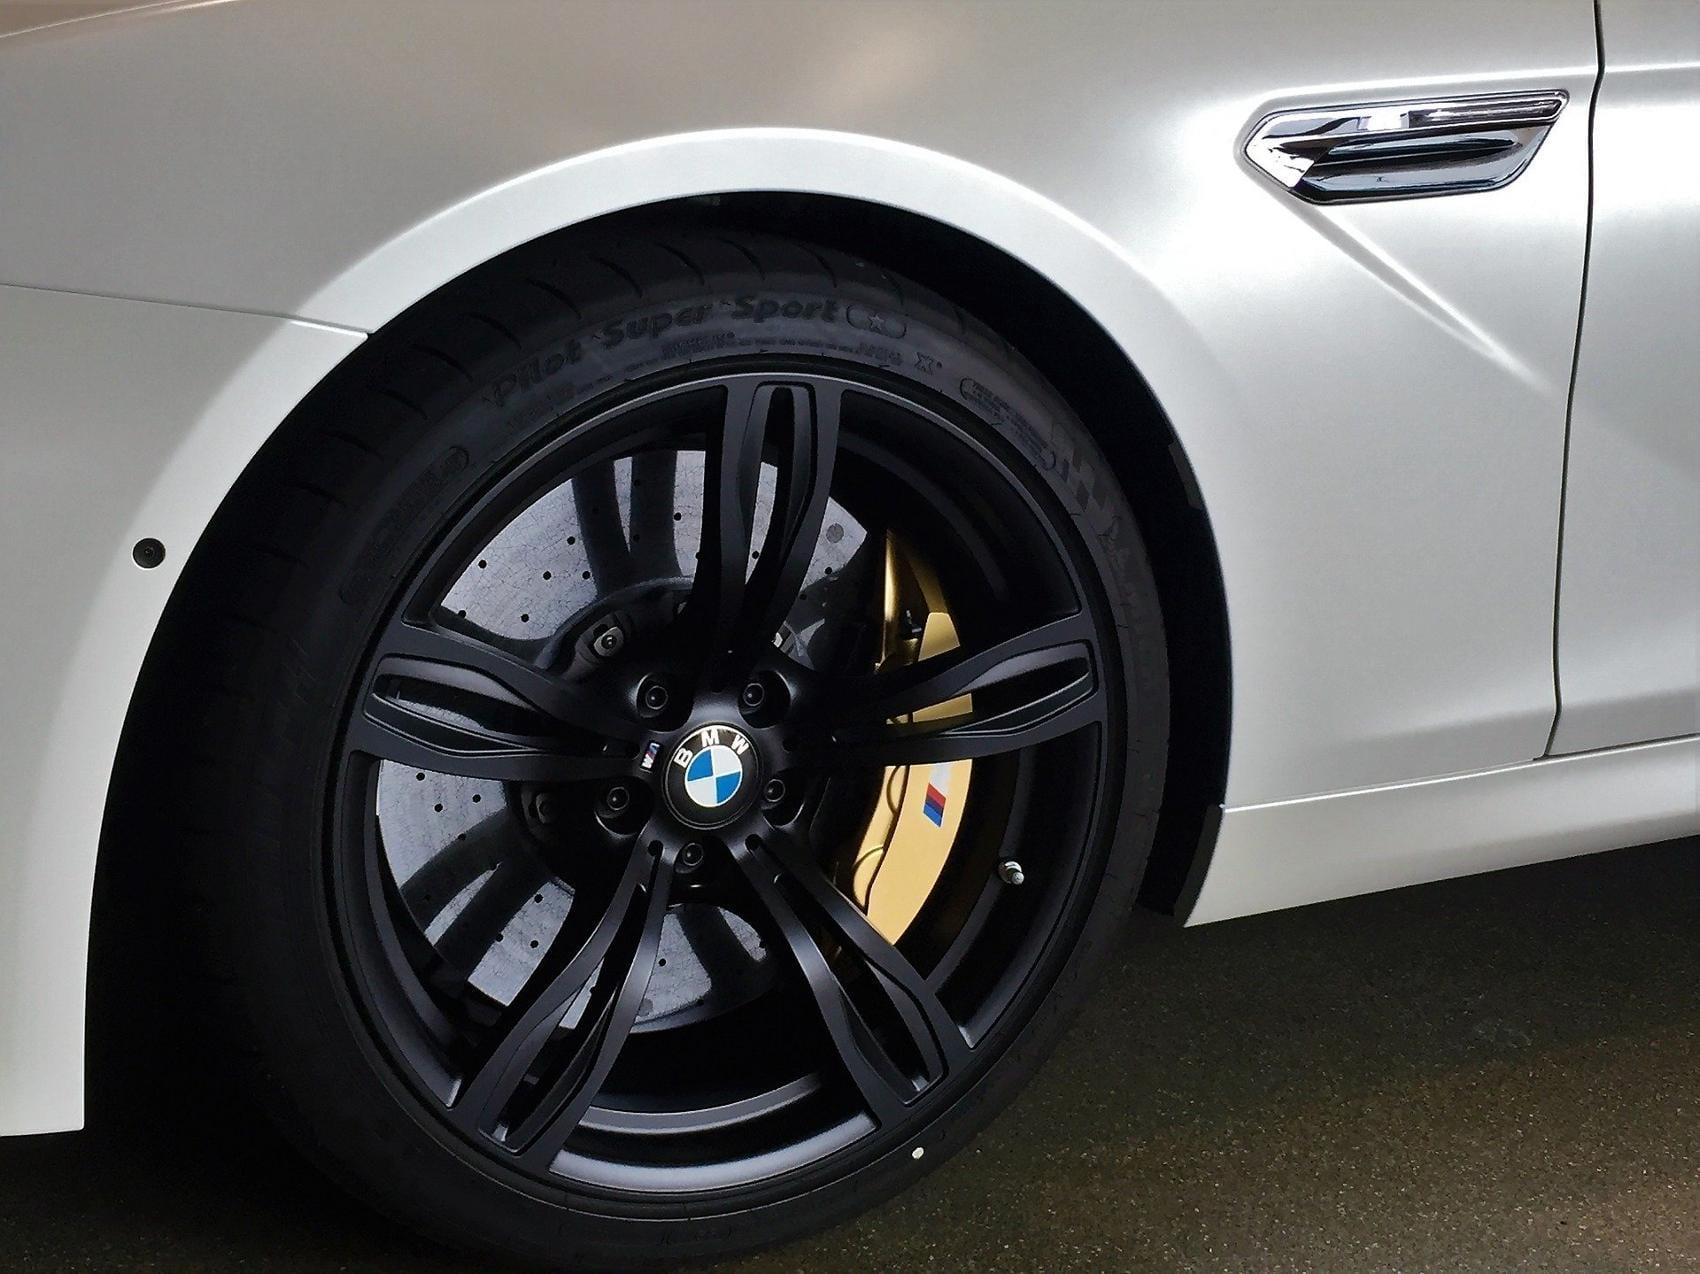 Felge Rad Reifen Tiefergelegt